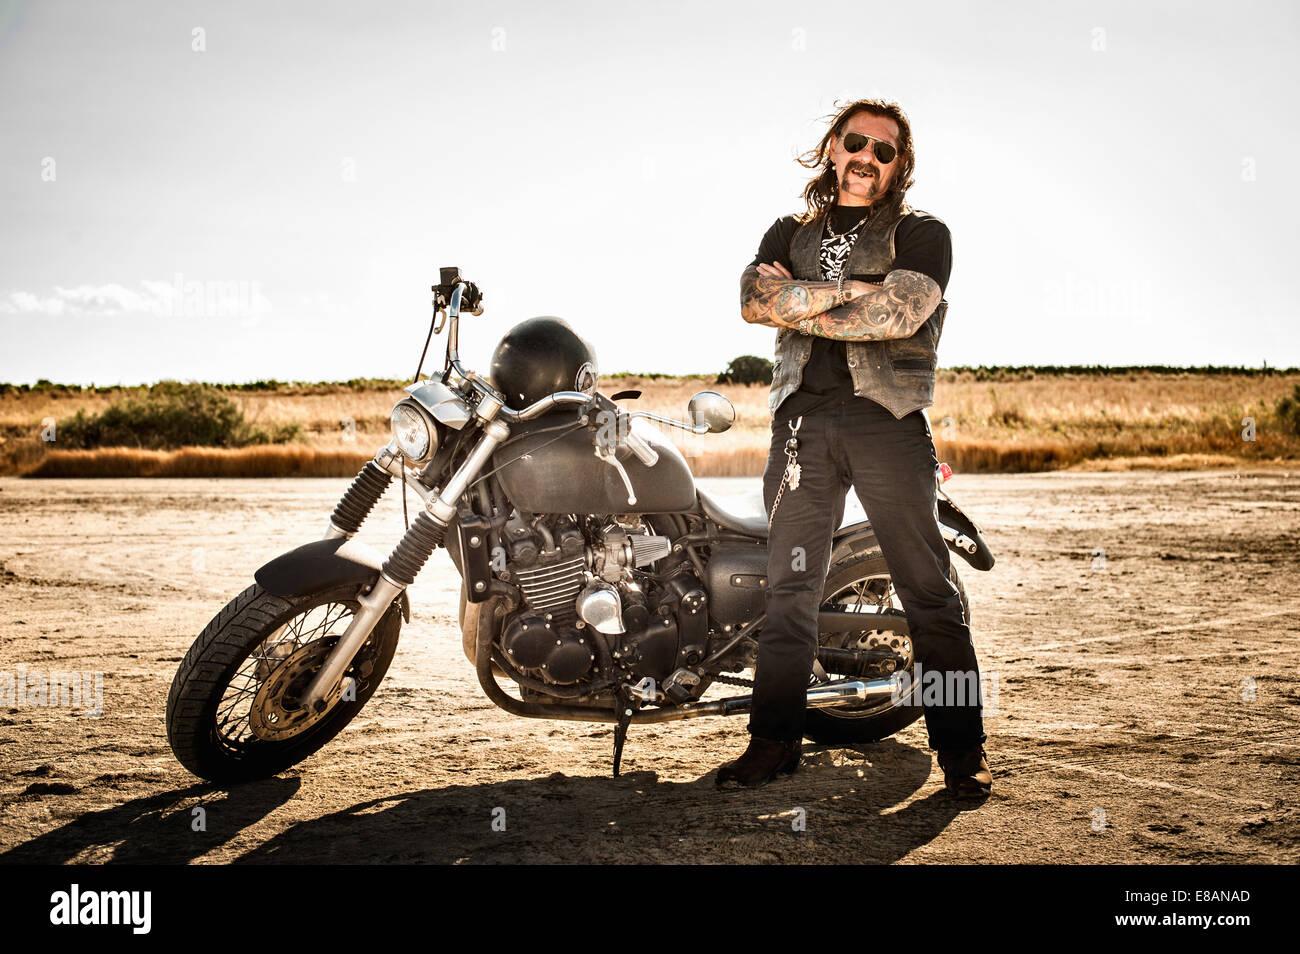 Porträt von Reifen männlichen Motorradfahrer auf trockenen Ebene, Cagliari, Sardinien, Italien Stockbild